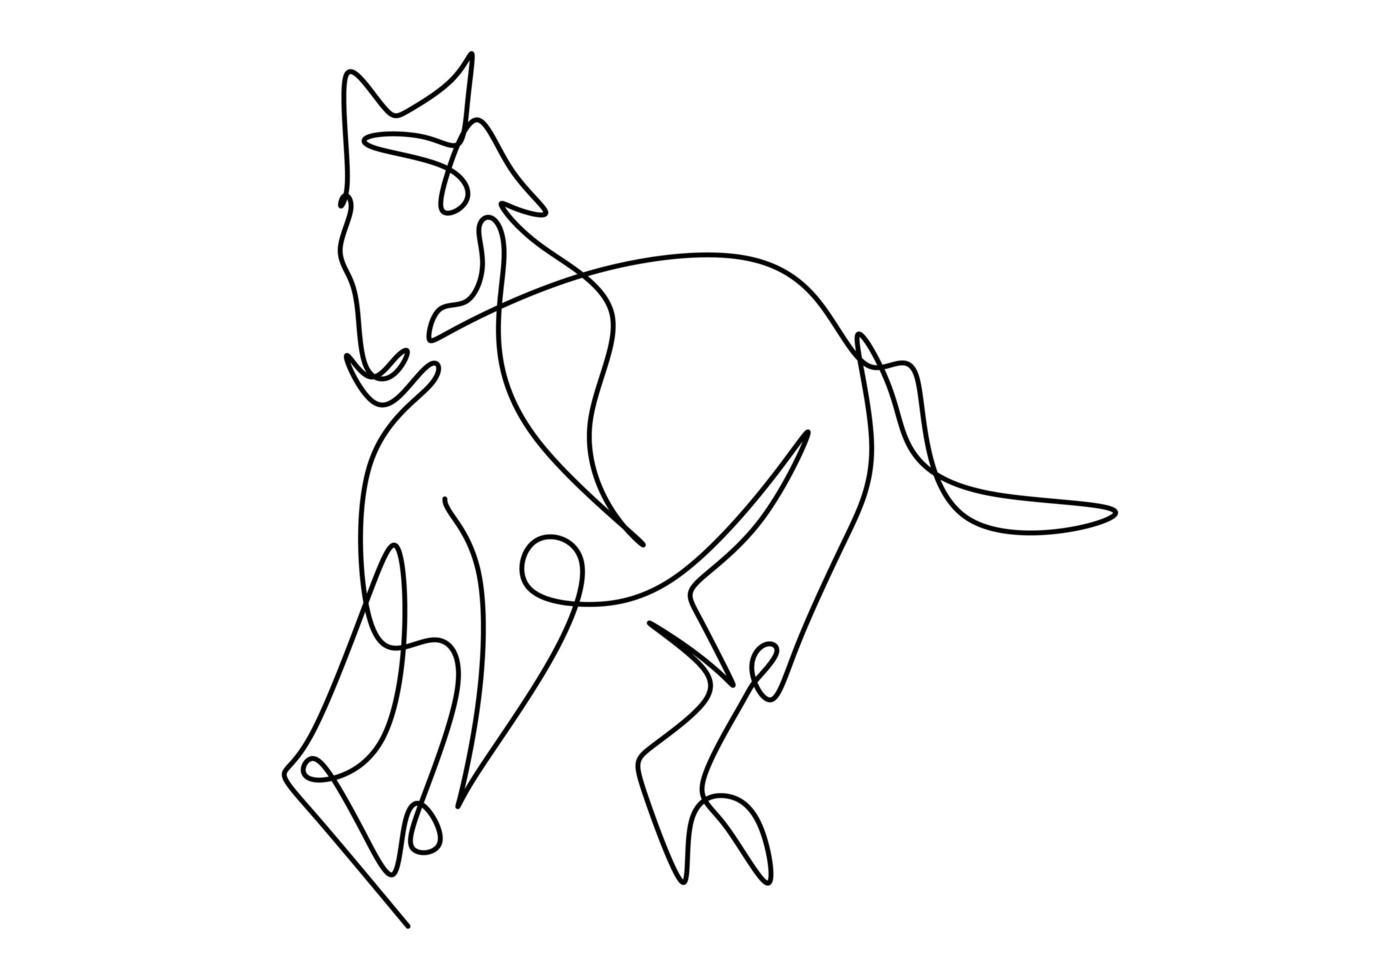 um único desenho de linha da identidade do logotipo da empresa de cavalos de elegância cavalo de corrida. conceito de símbolo animal mamífero cavalo pônei. contínua uma linha única vetor